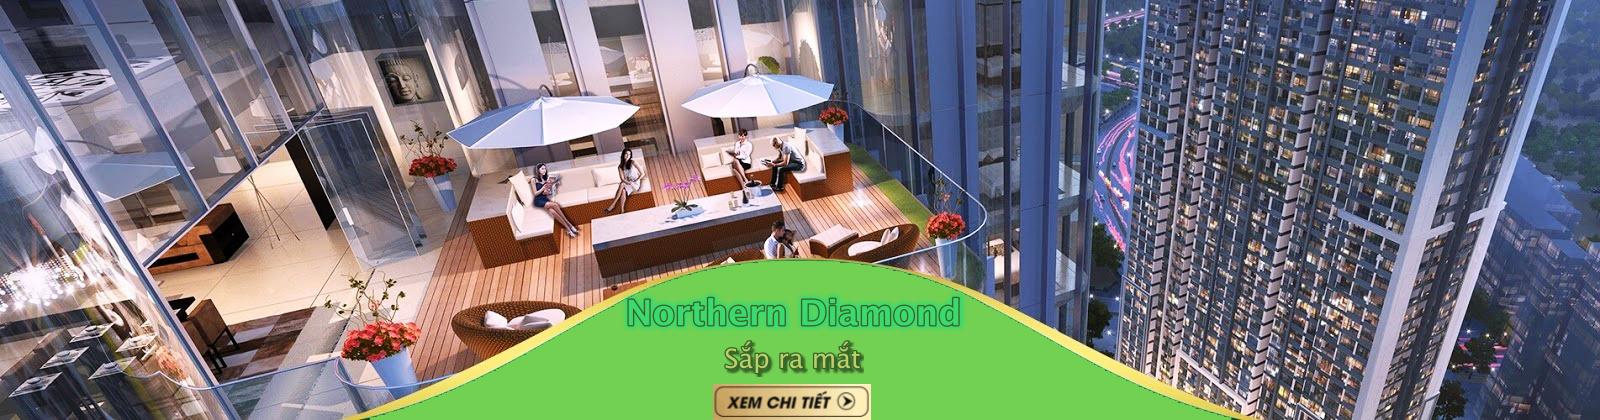 Chung cư Northern Diamond Long Biên